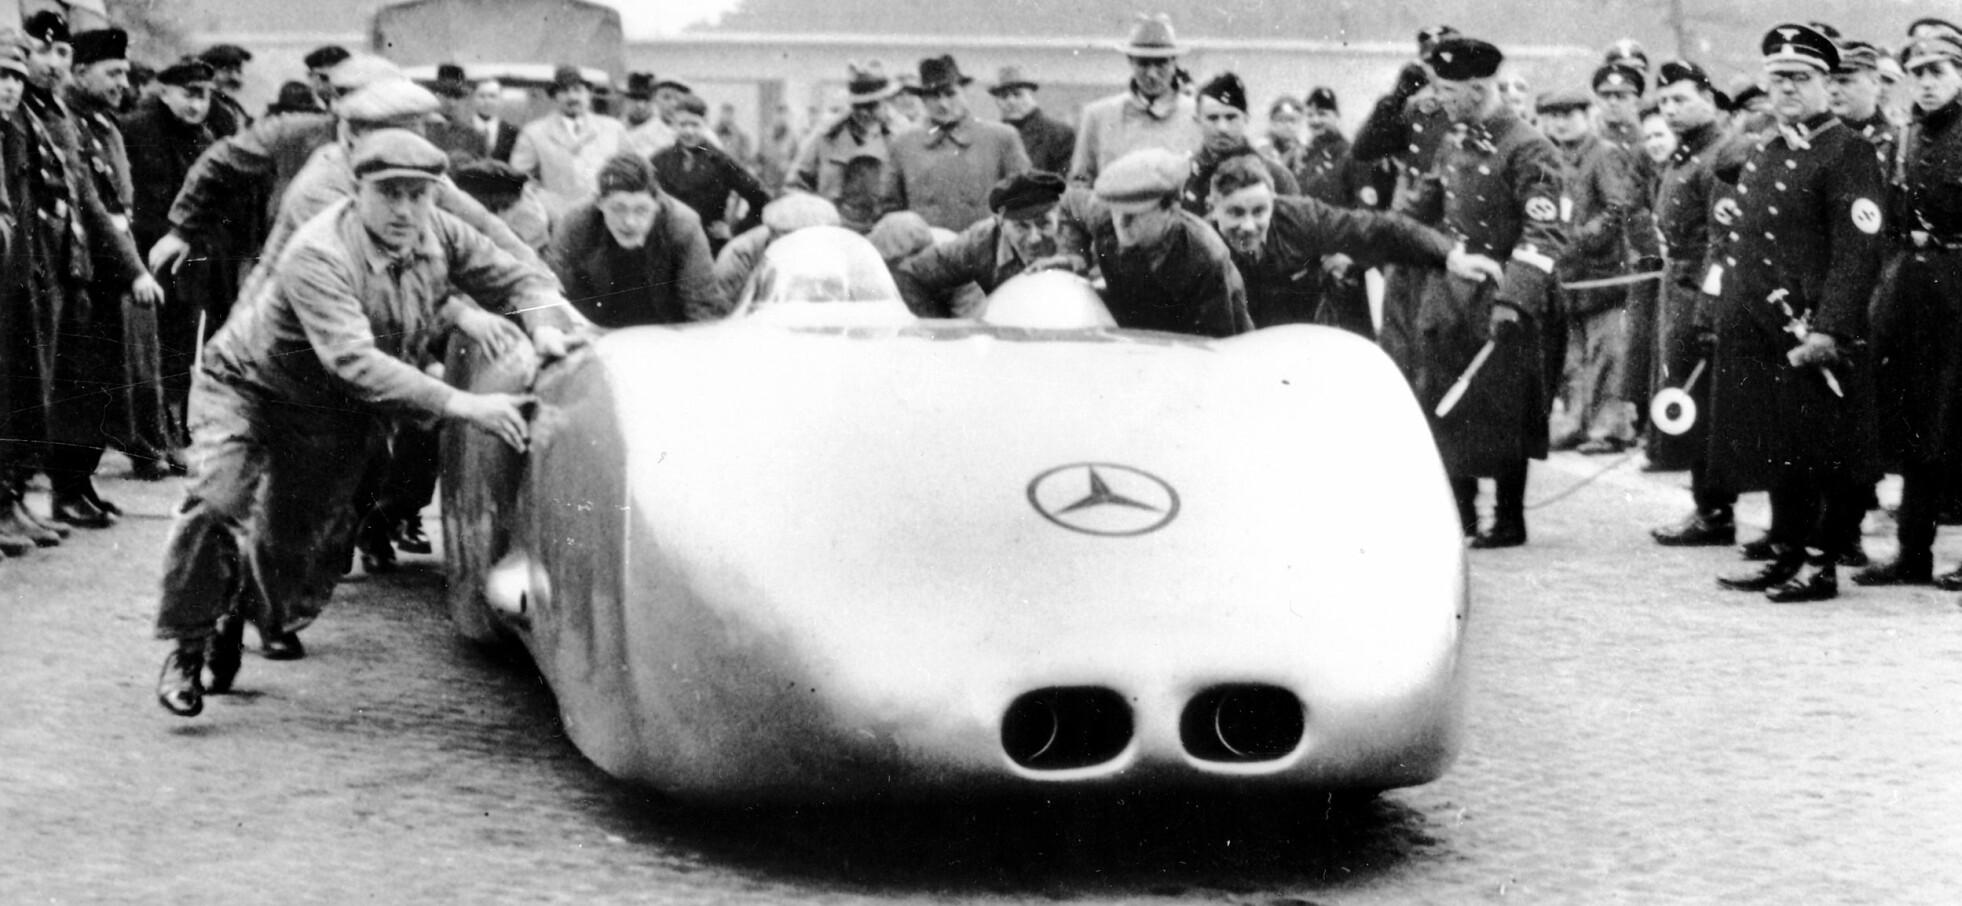 <b>KLAR FOR REKORD:</b> 28. januar 1938 dyttes Rudolf Caracciola i gang i sin tolvsylindrede Mercedes-Benz W 125, på Autobahn ved Darmstadt.